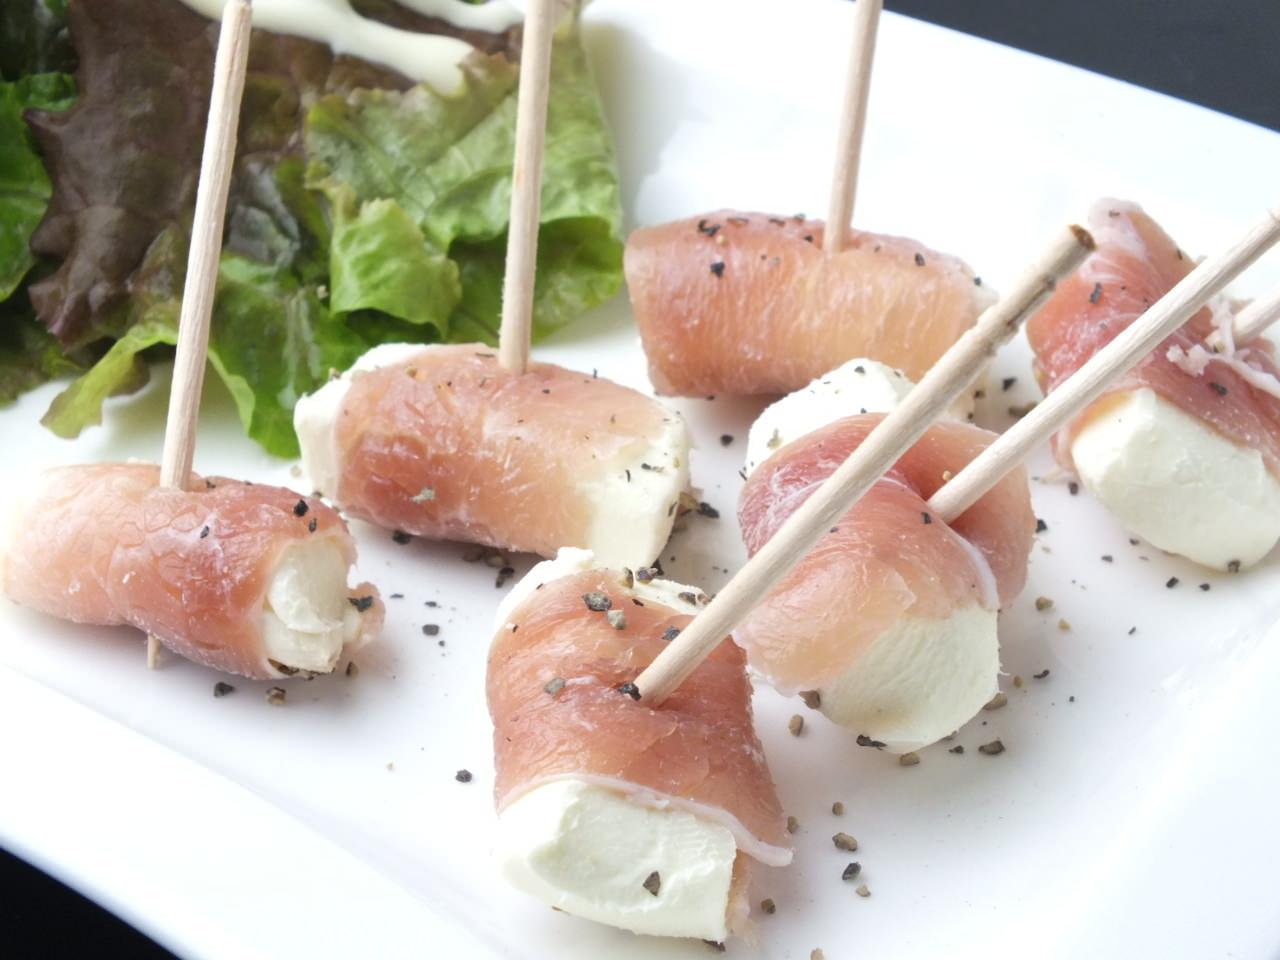 いろんなレシピ大集合!!ハムとチーズのオススメレシピ!!のサムネイル画像